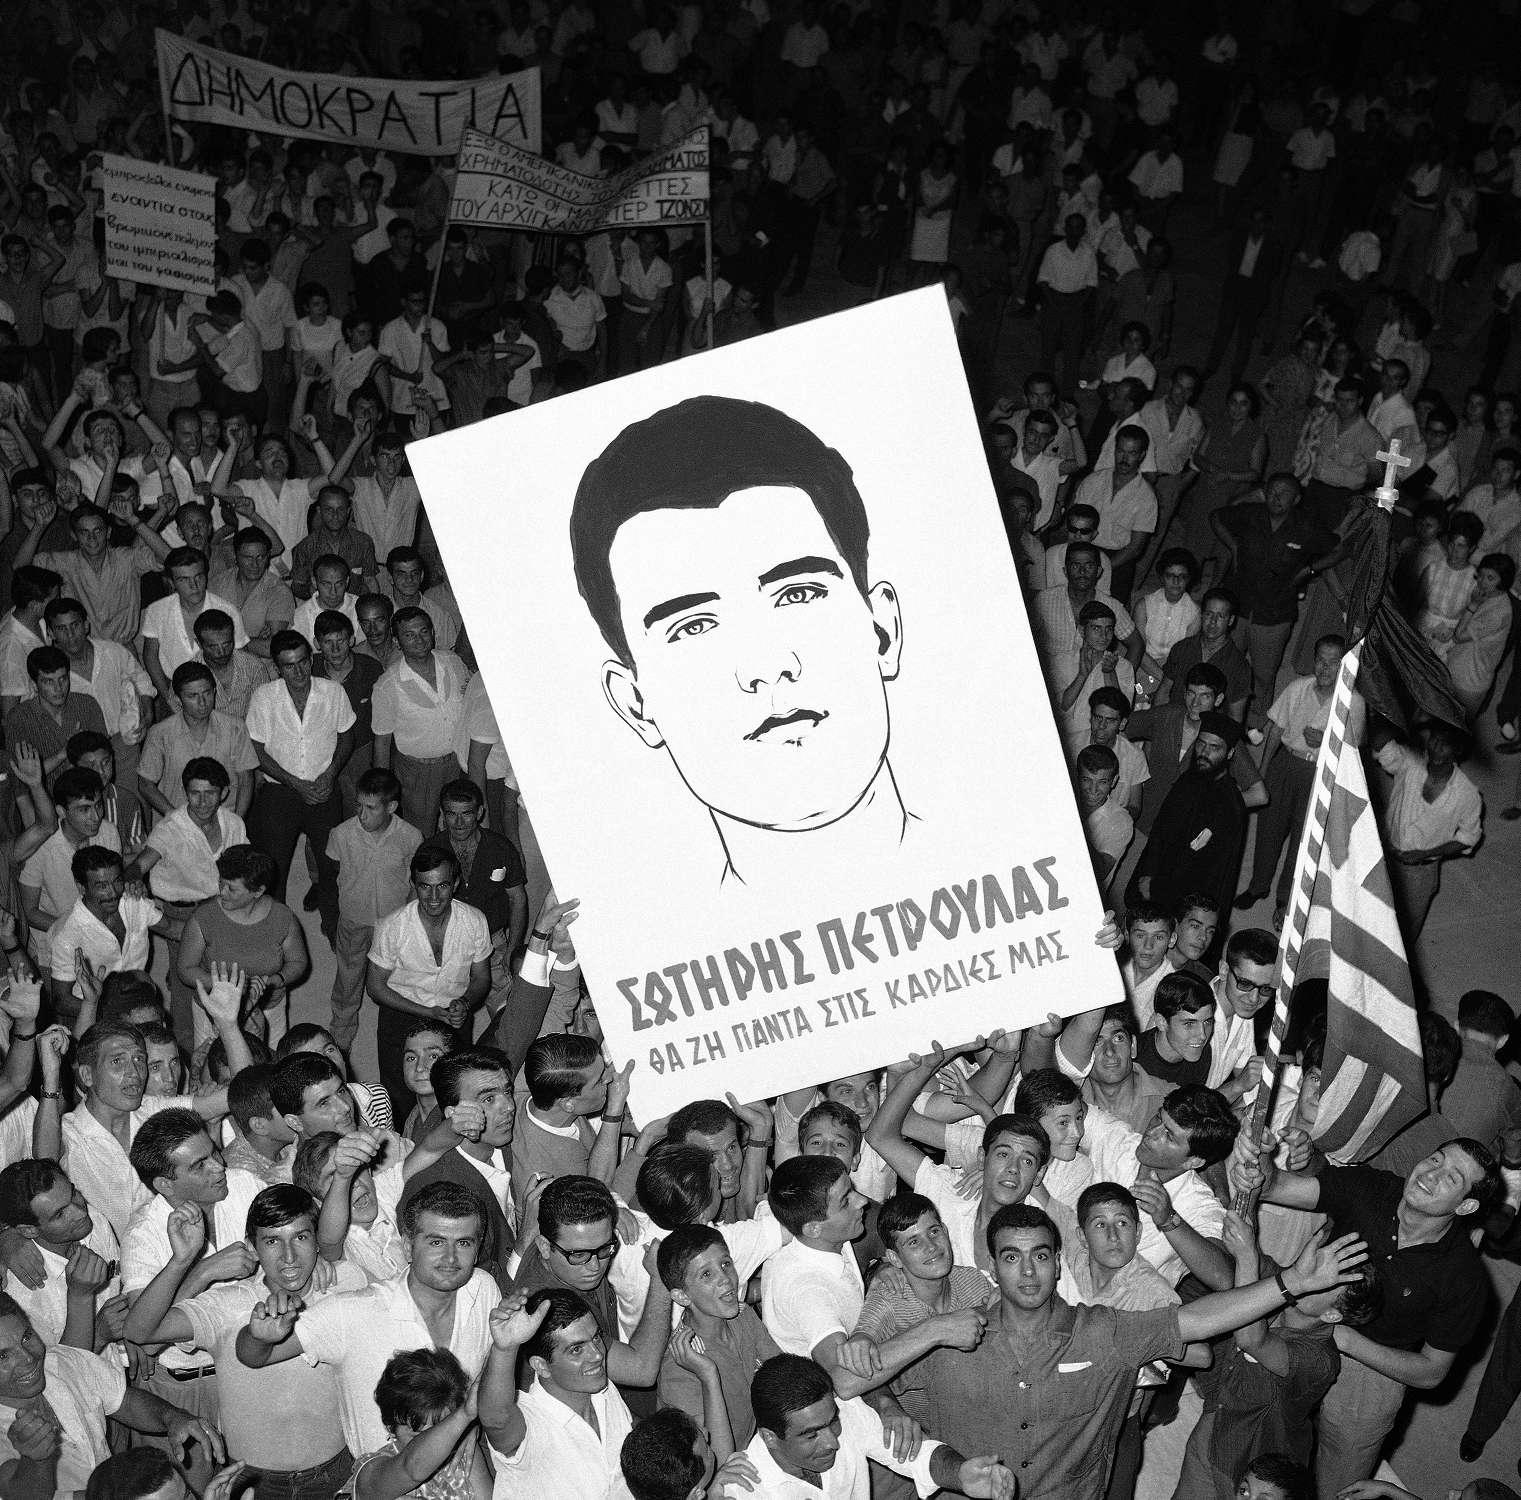 «Σωτήρης Πέτρουλας – Θα ζη πάντα στις καρδιές μας», γράφει ένα πλακάτ με το πορτρέτο του προσφάτως δολοφονηθέντος φοιτητή, σε διαδήλωση στη Θεσσαλονίκη, τρεις μέρες μετά το θάνατο του, κατά την περίοδο των Ιουλιανών του 1965